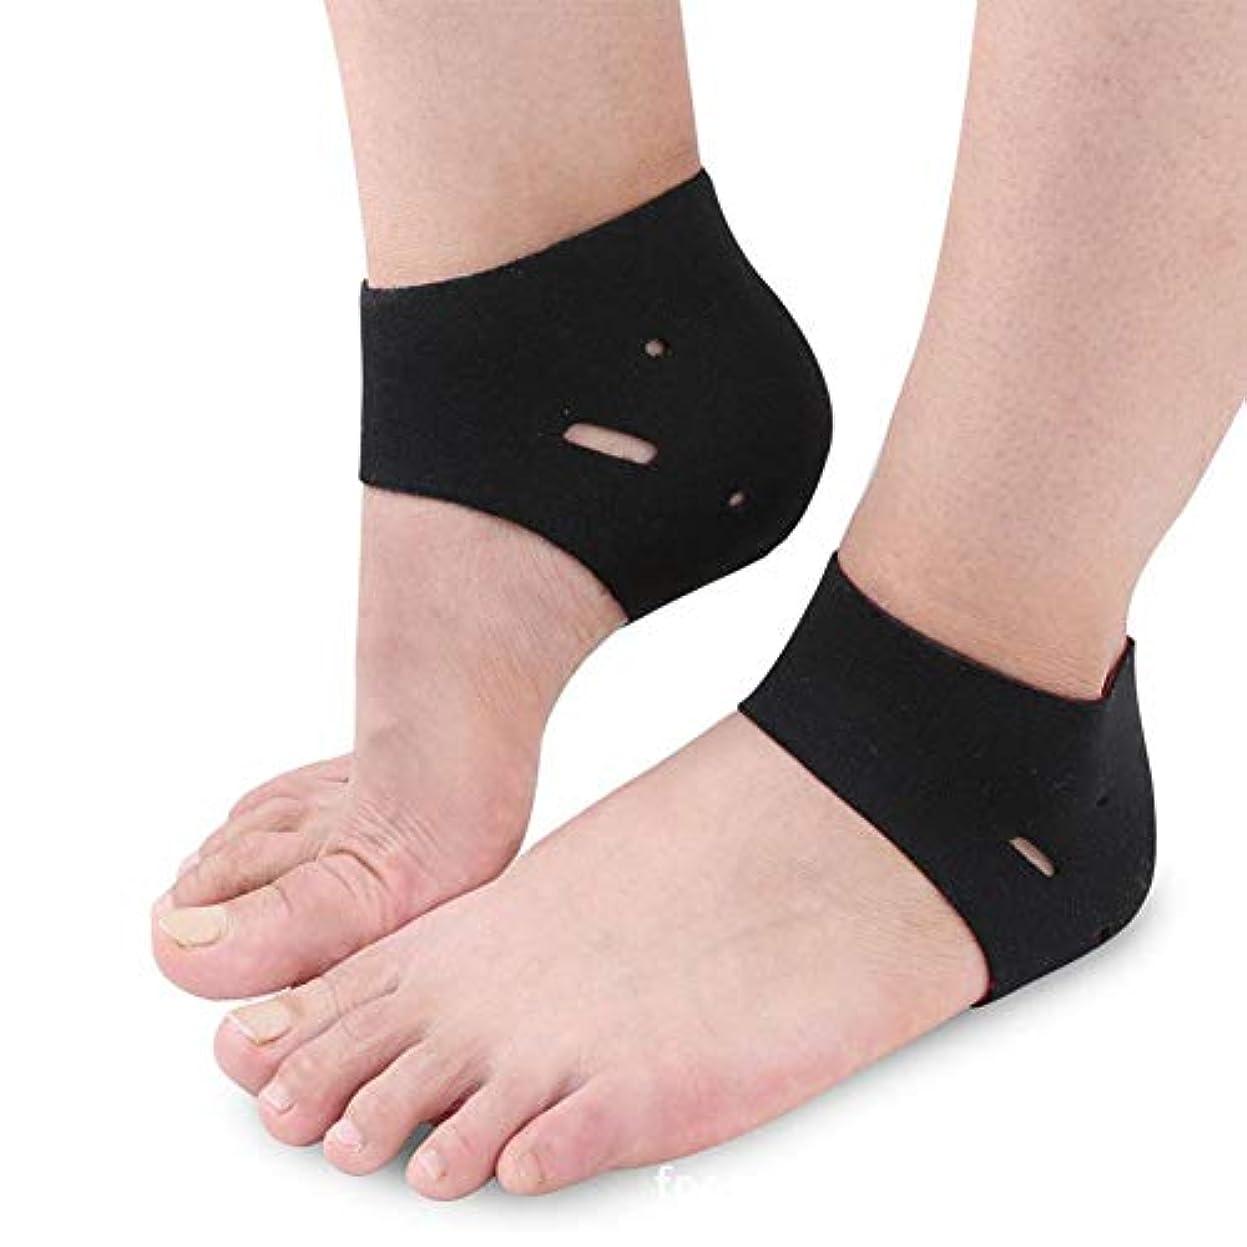 負担強制的受益者足底筋膜炎インサートパッド、足底筋膜炎、ひび割れかかと、アキレス腱炎およびかかとの痛み、女性および男性用